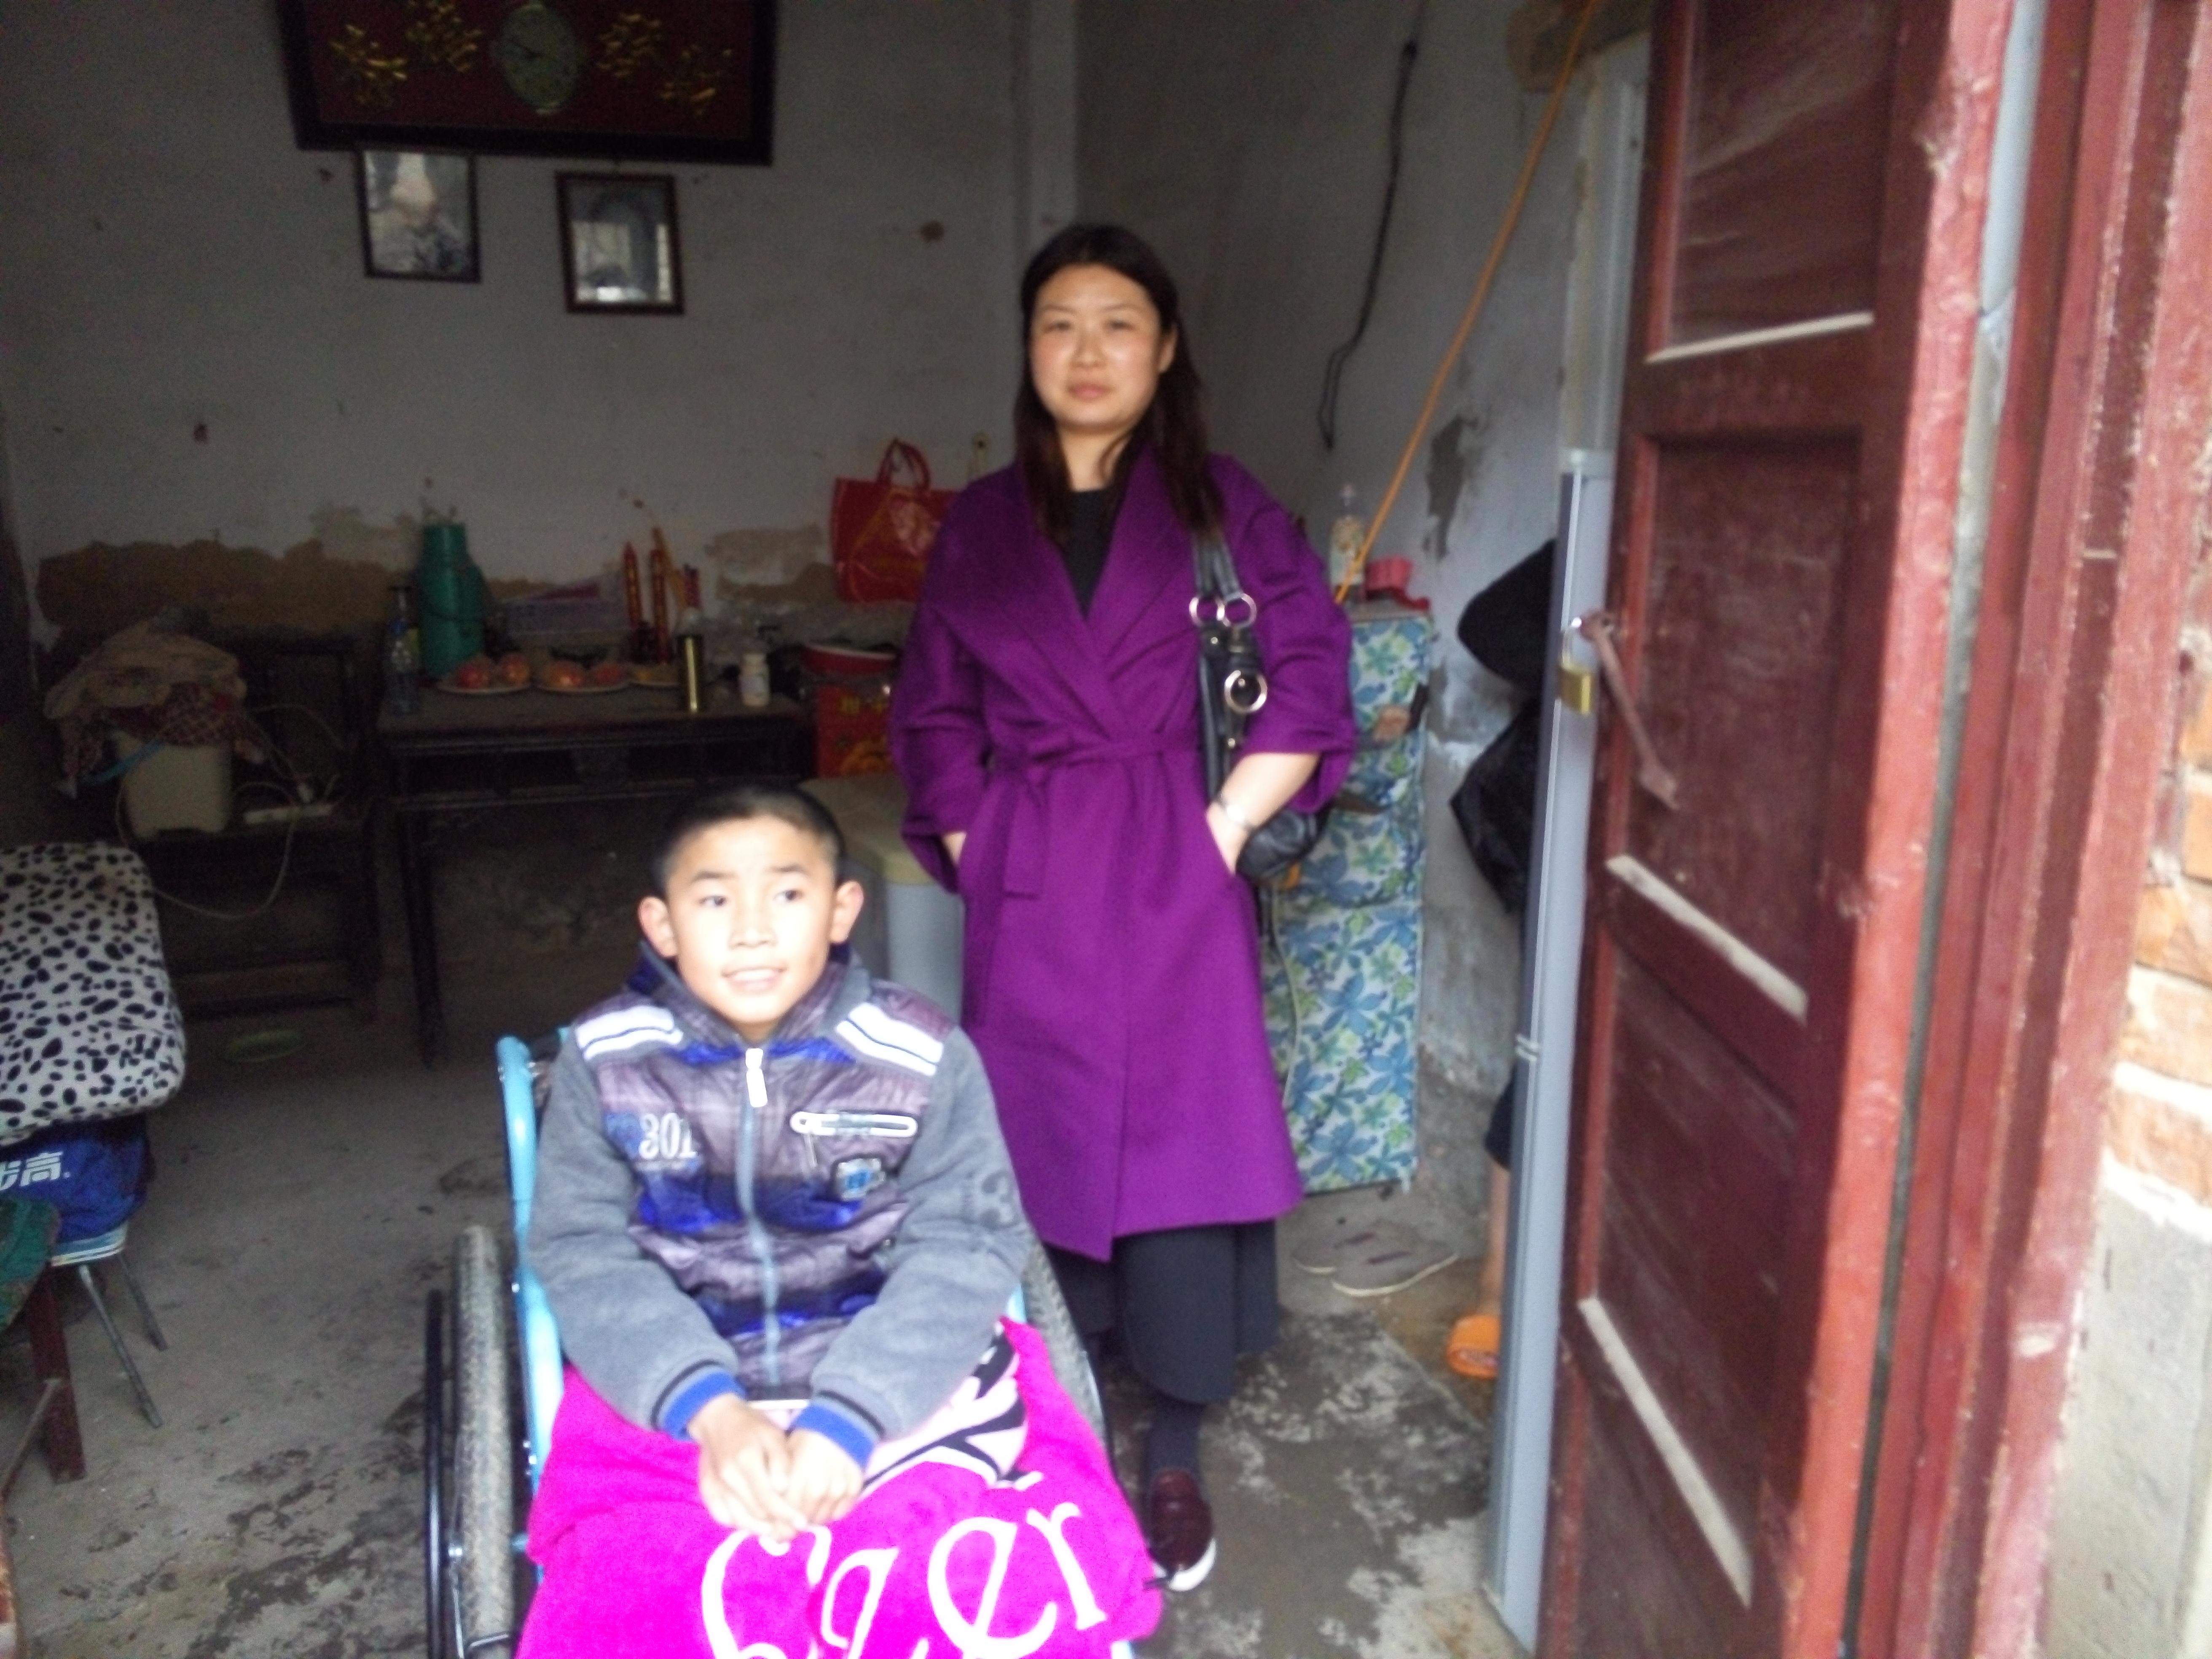 顺河区残联对贫困残疾人家庭开展无障碍改造前期评估工作